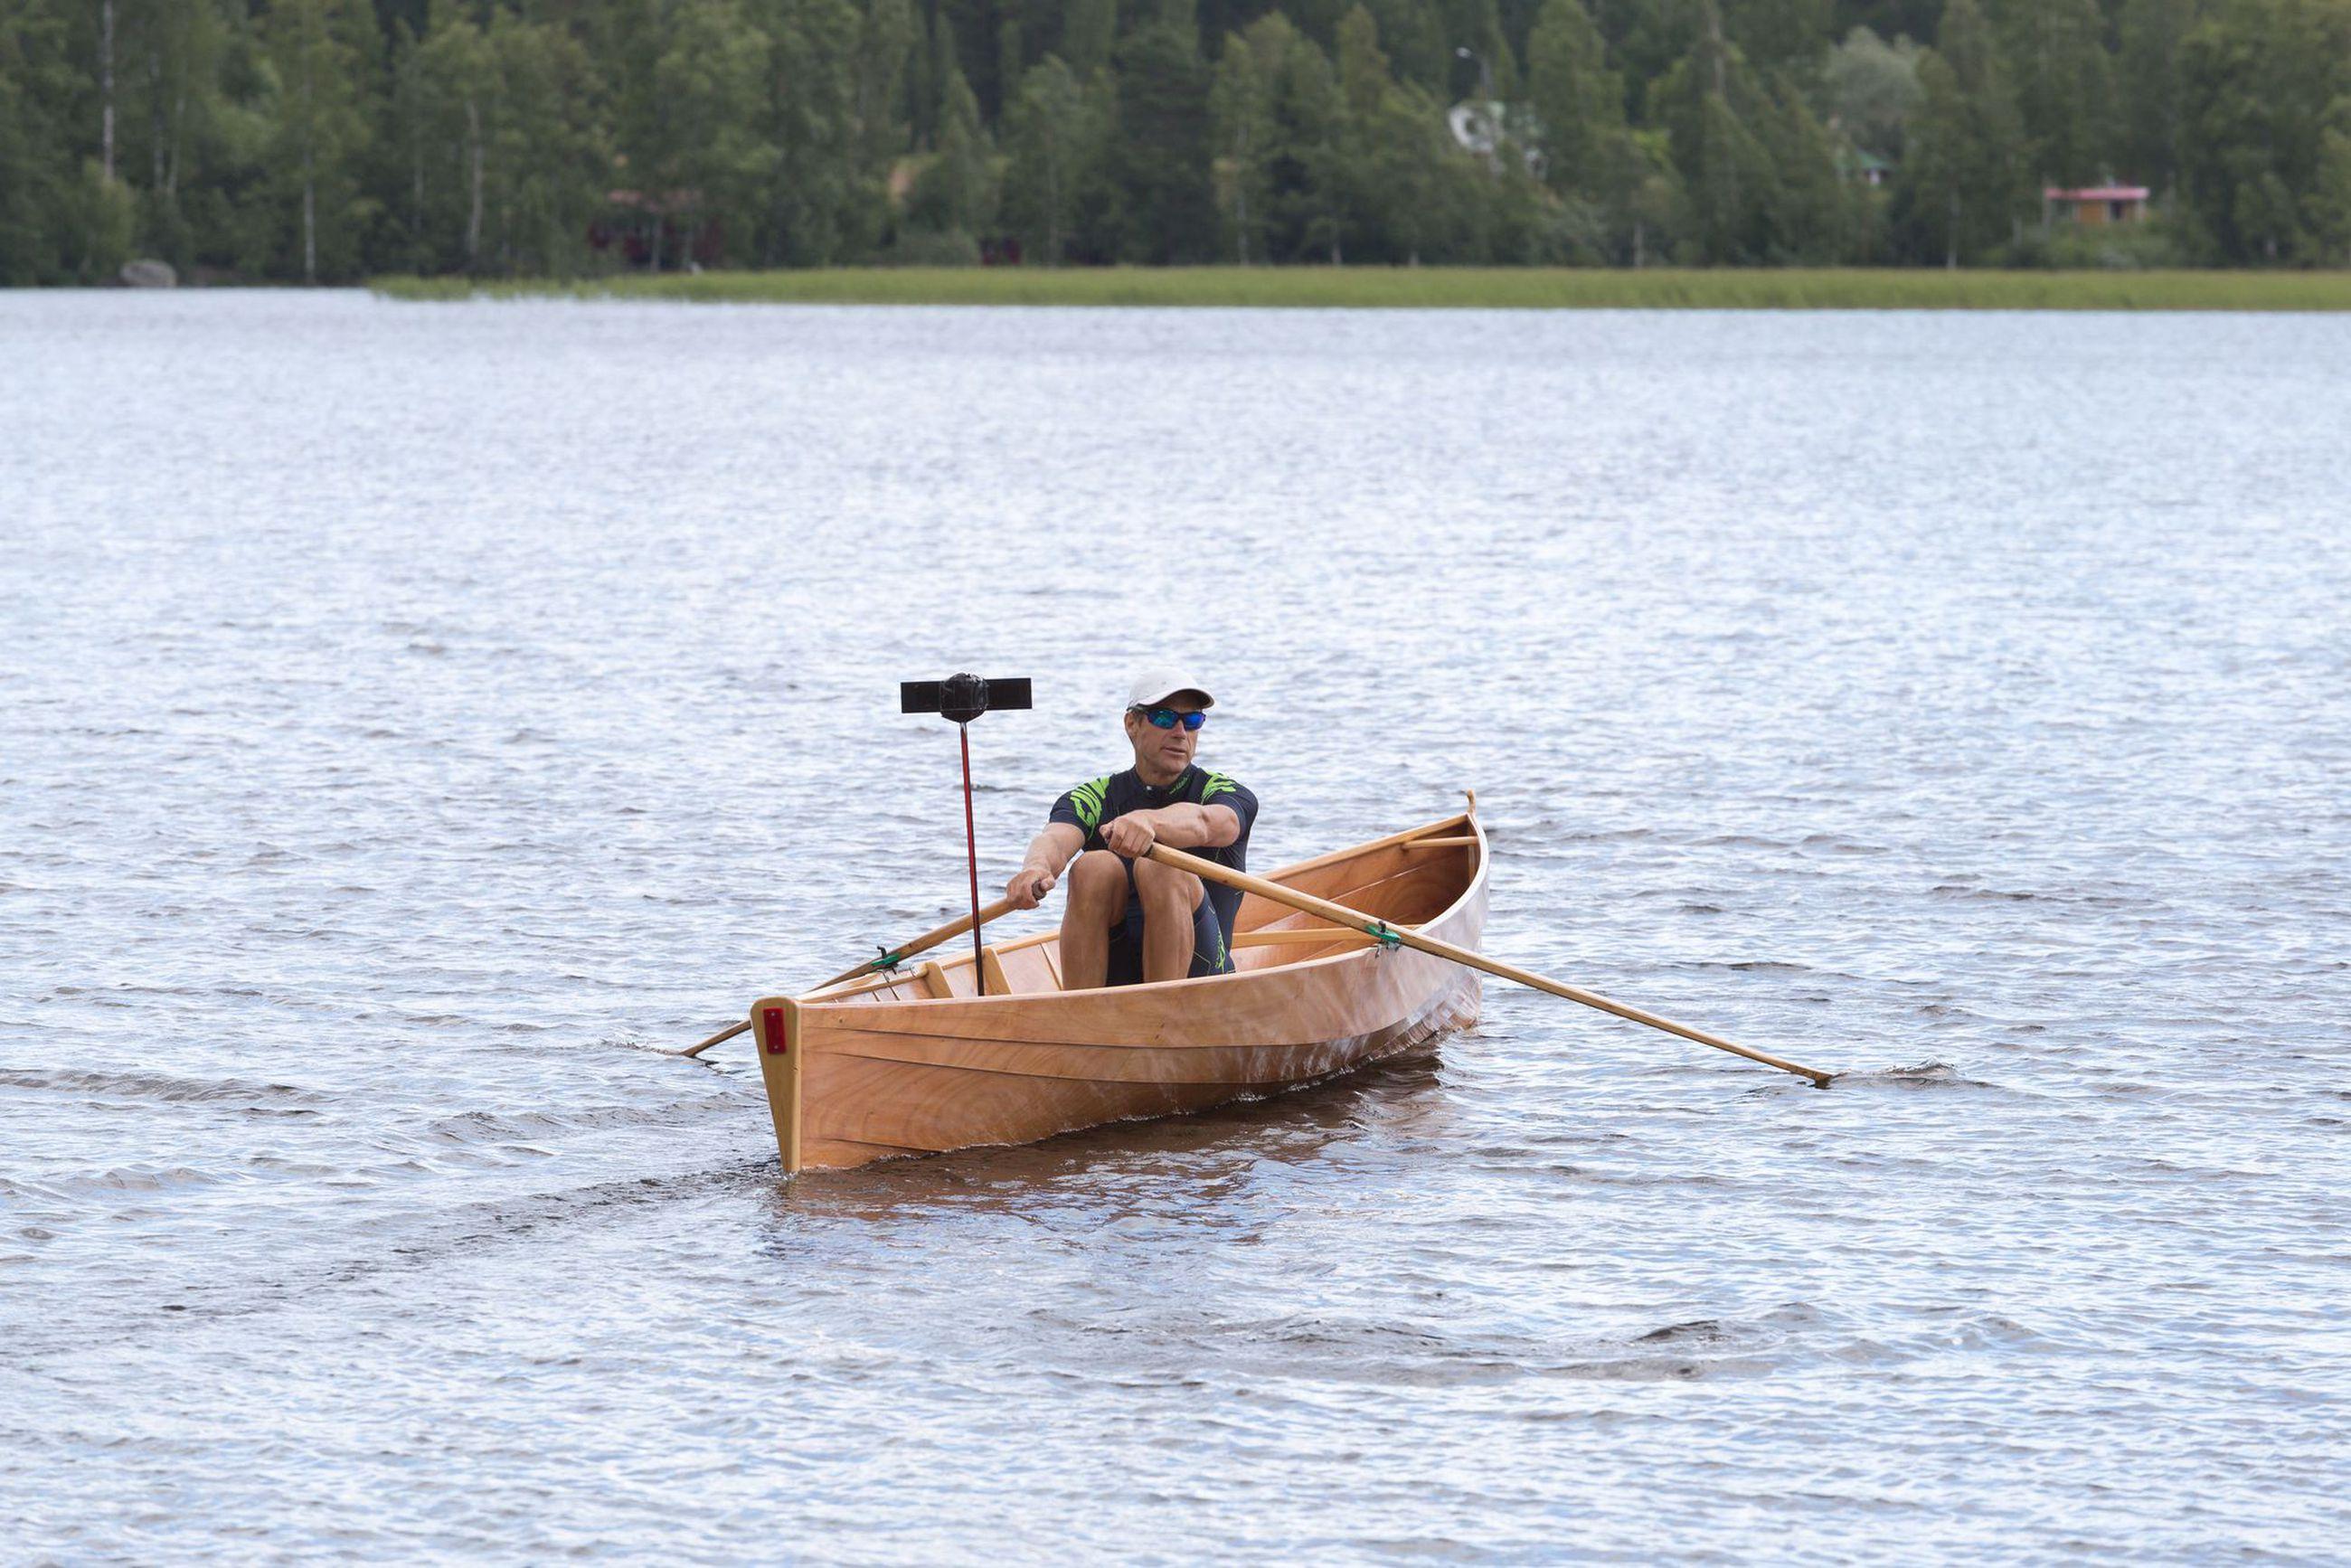 Heikki Karjaluoto käy harjoittelemassa Päijänteellä kolmesta neljään kertaa viikossa. Soutu auttaa myös irtaantumaan hektisestä arjesta: puhelimet ja muut älylaitteet jäävät veneessä vaille huomiota.